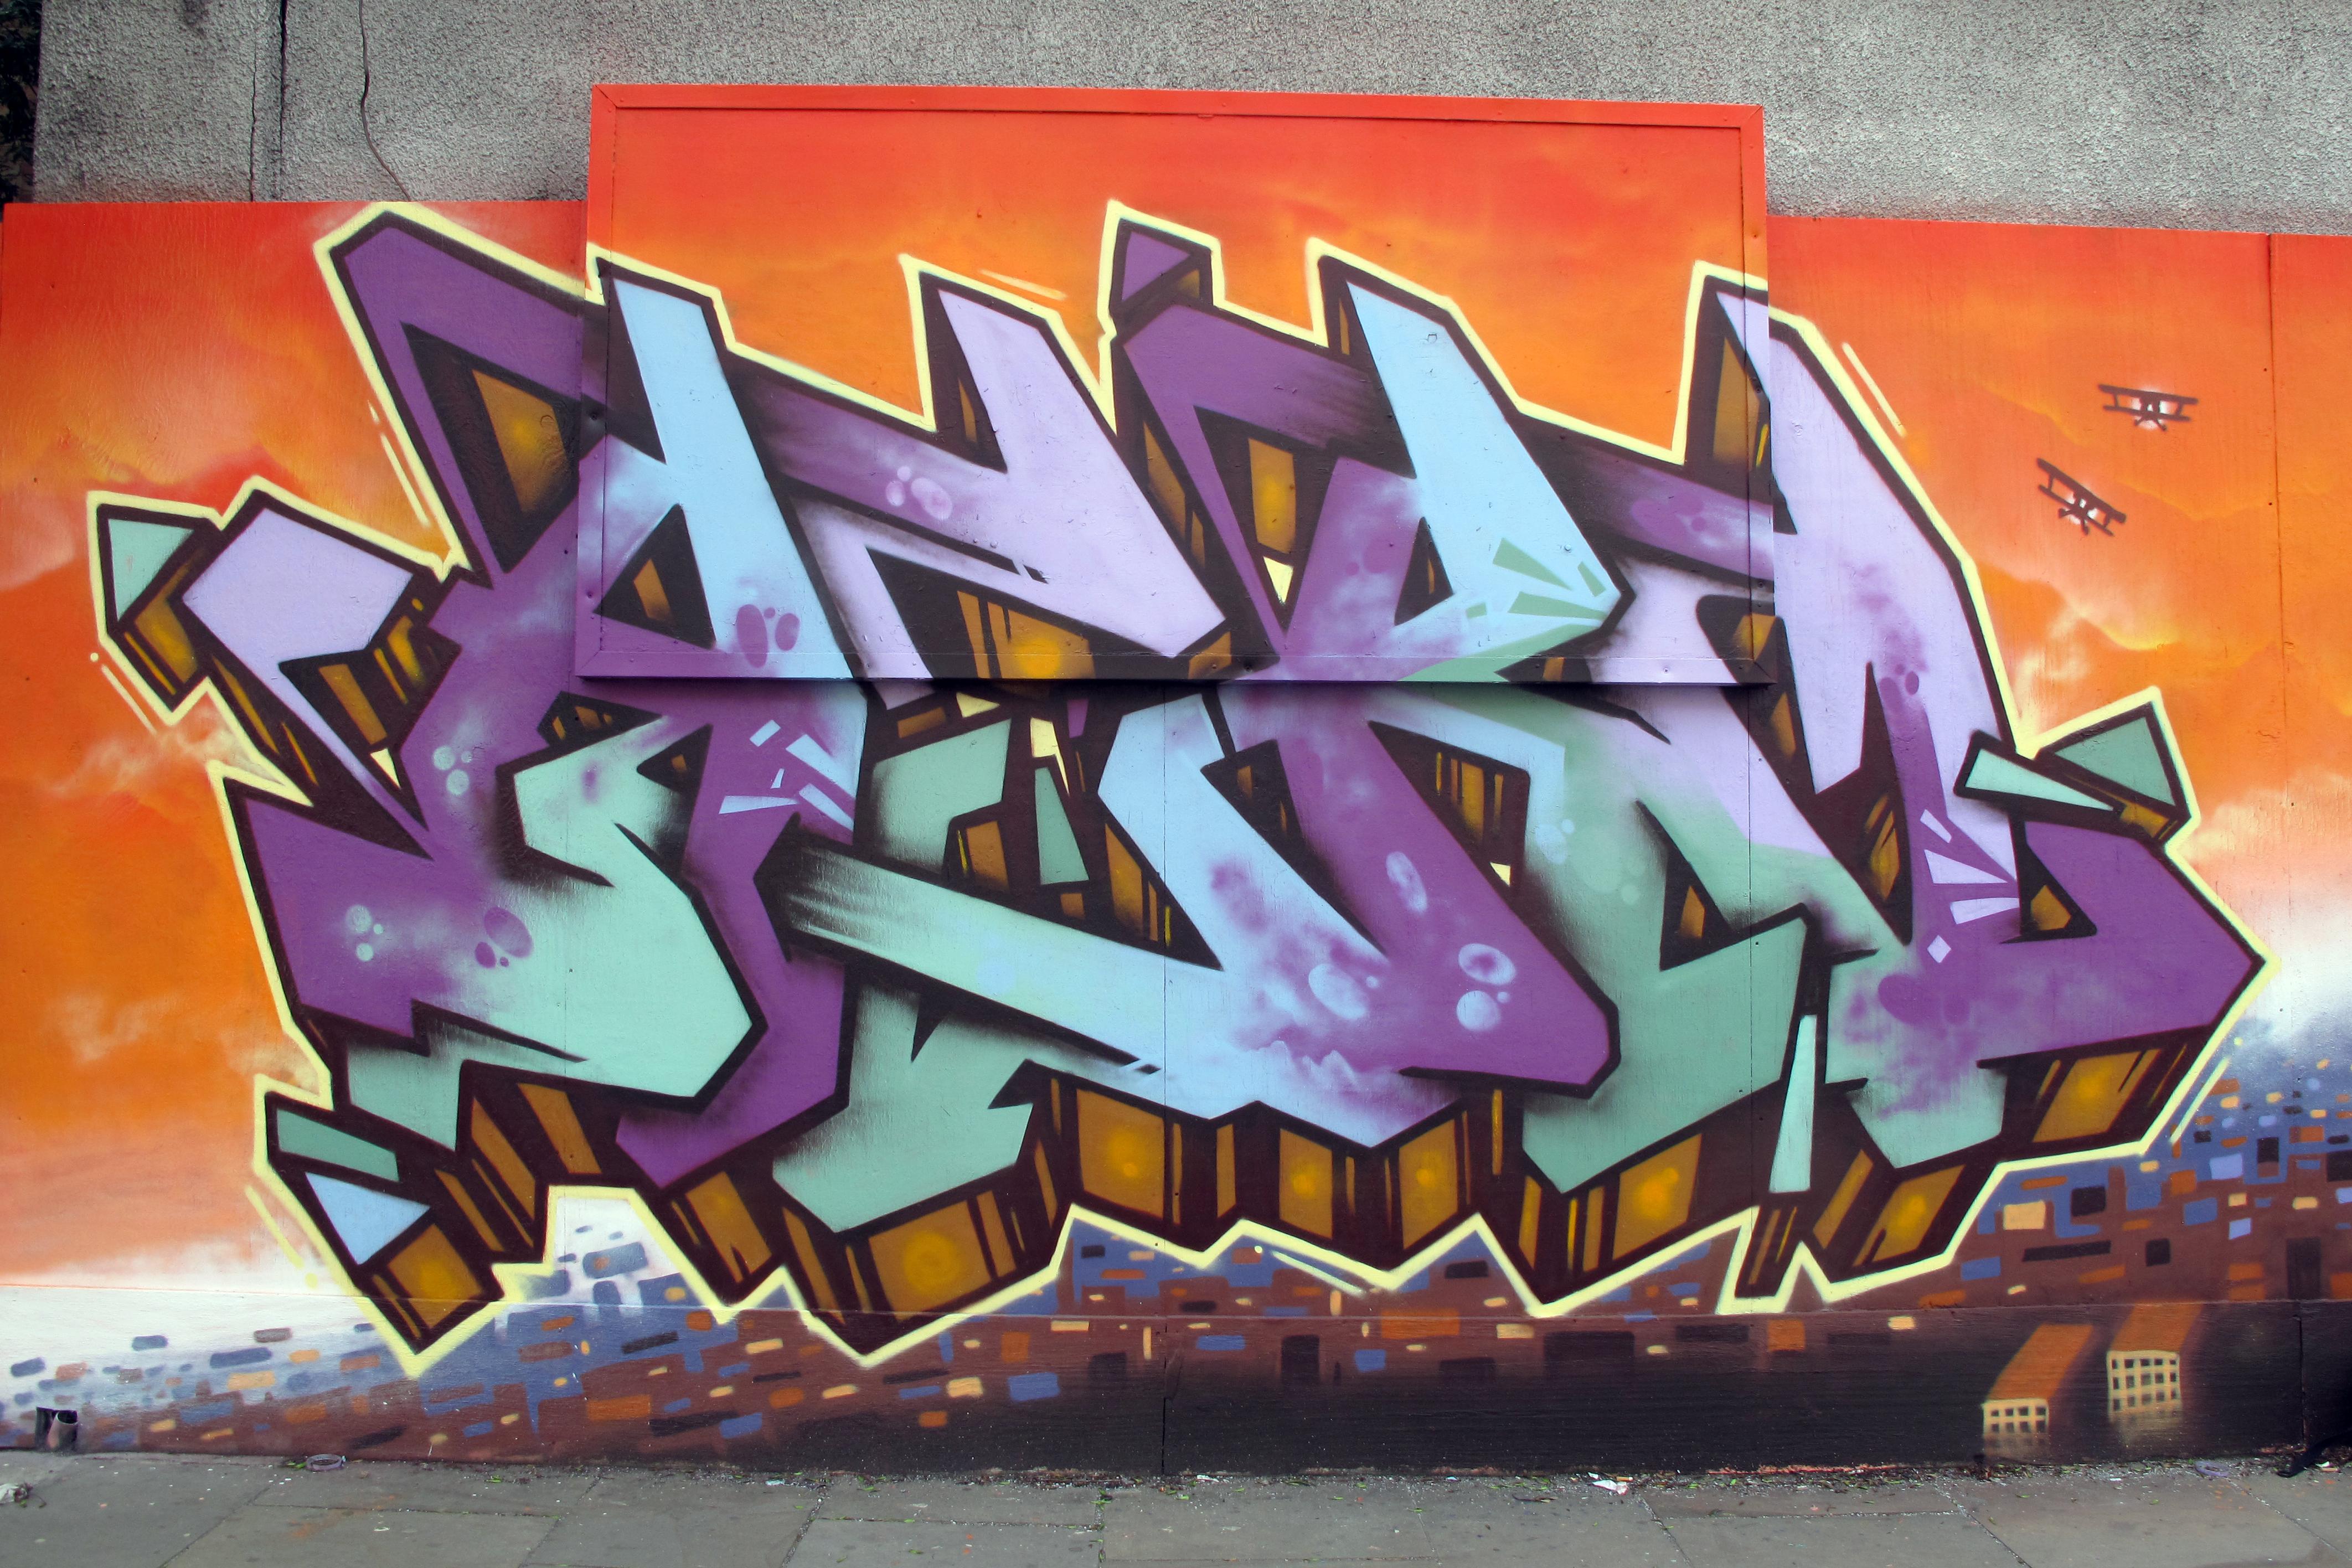 King kong palace 2013 london graffiti mural artist for Graffiti mural